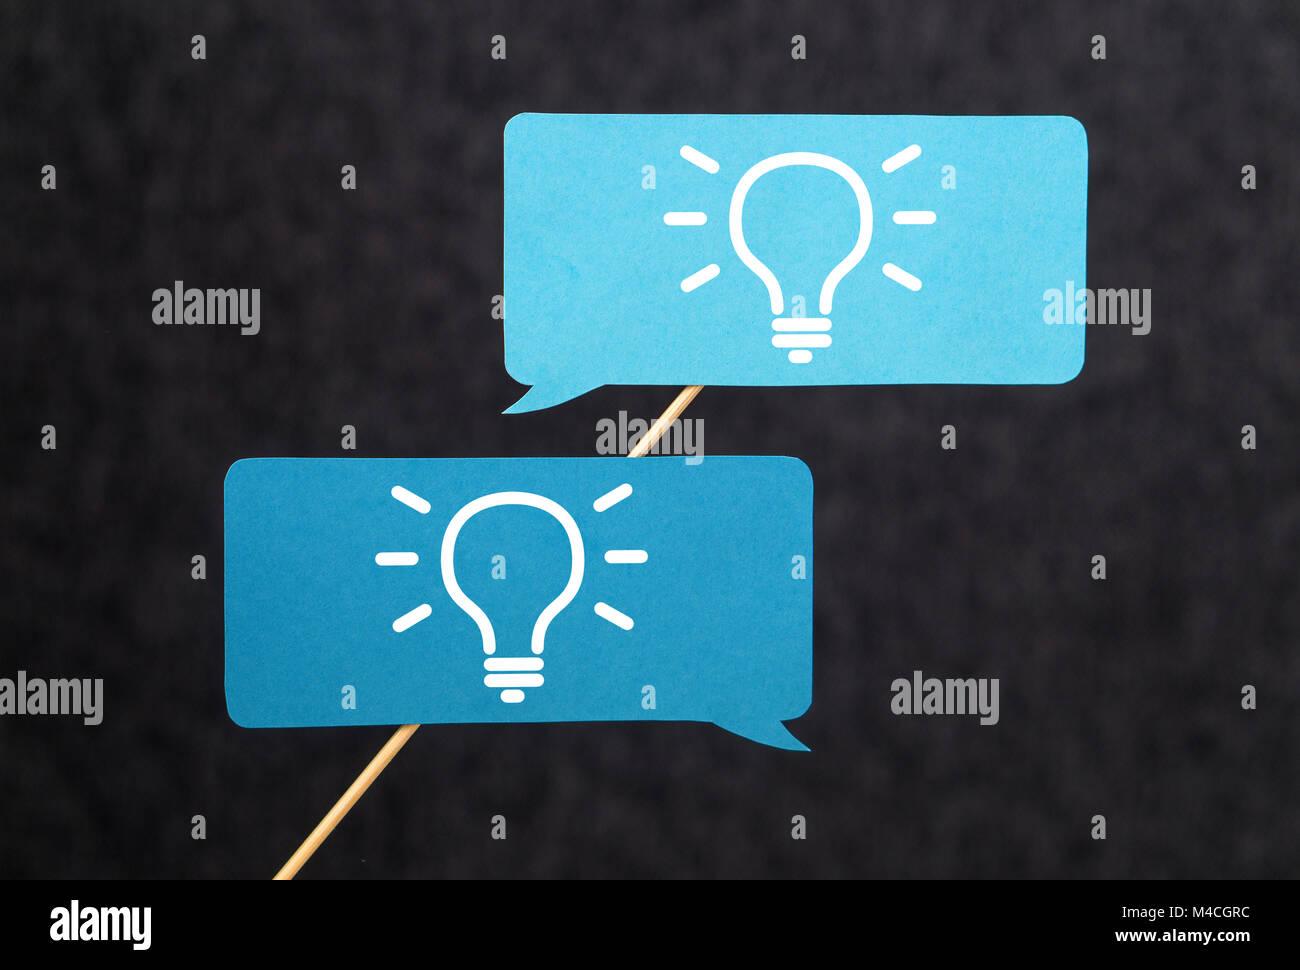 Innovazione, brainstorm, ispirazione e il concetto di lavoro di squadra. Elaborare nuove idee innovative e creative Immagini Stock